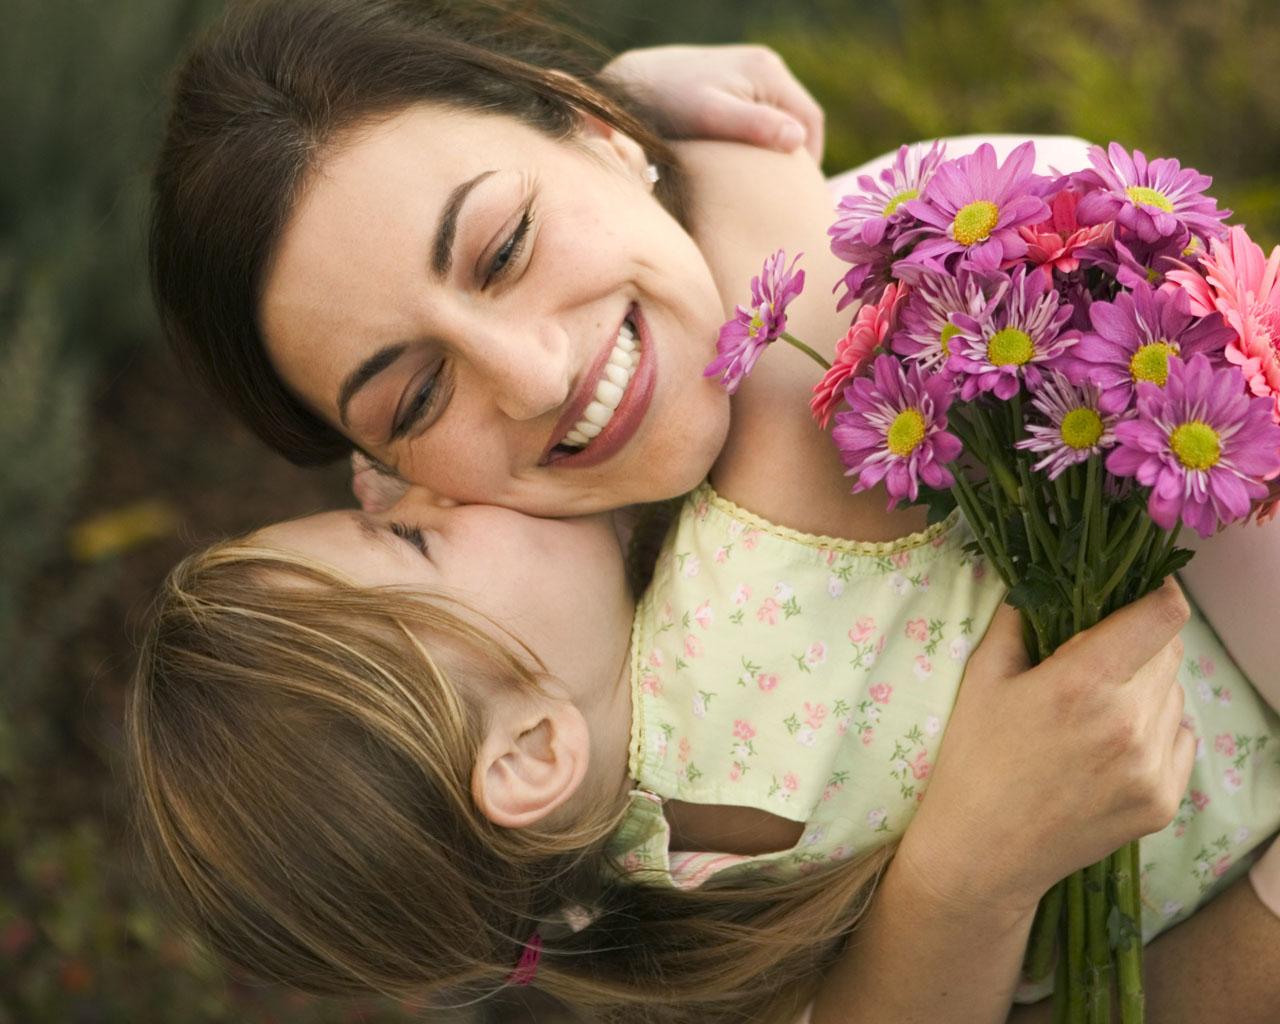 мама любимая картинки день матери основном человека